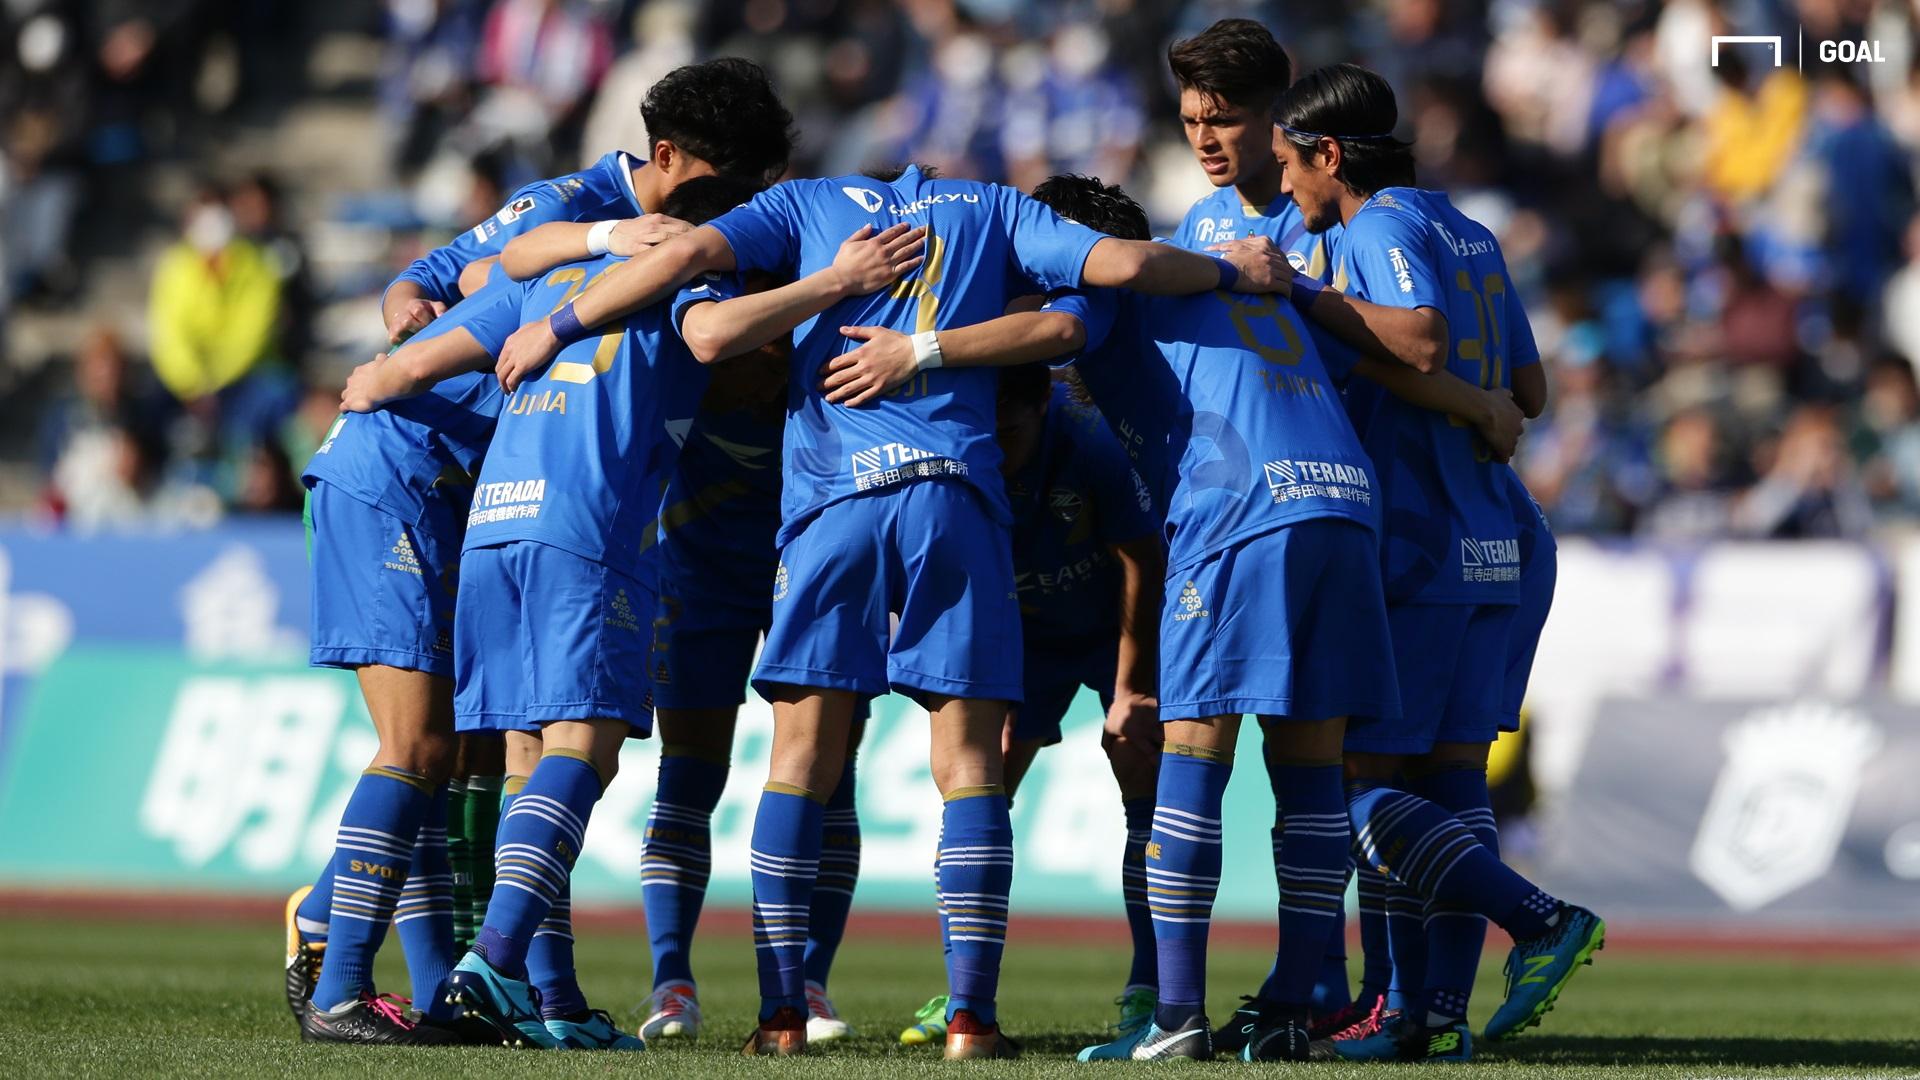 FC町田ゼルビア対松本山雅FC